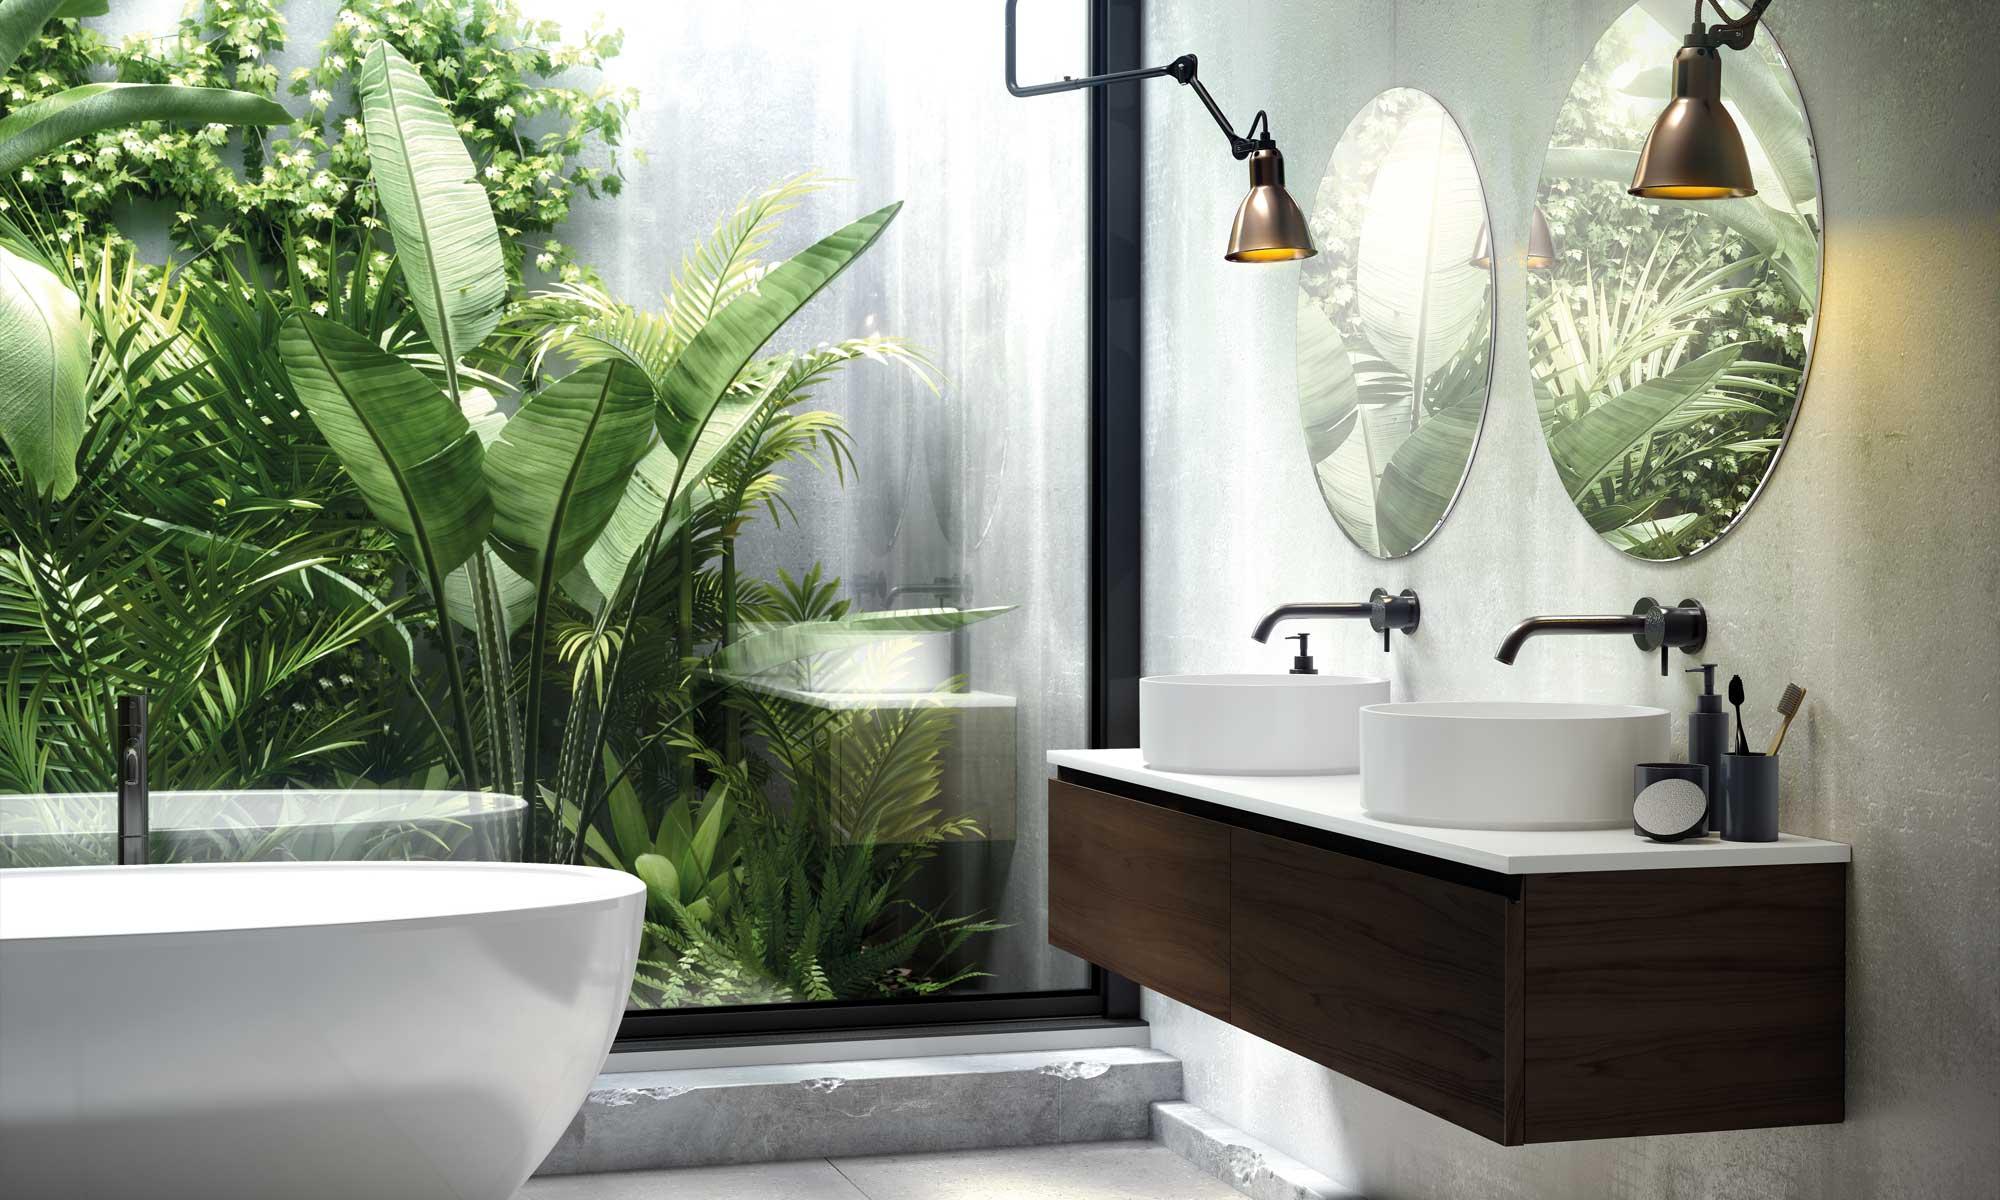 Picas De Baño | Unibano Muebles De Bano Y Accesorios Soluciones Personalizadas